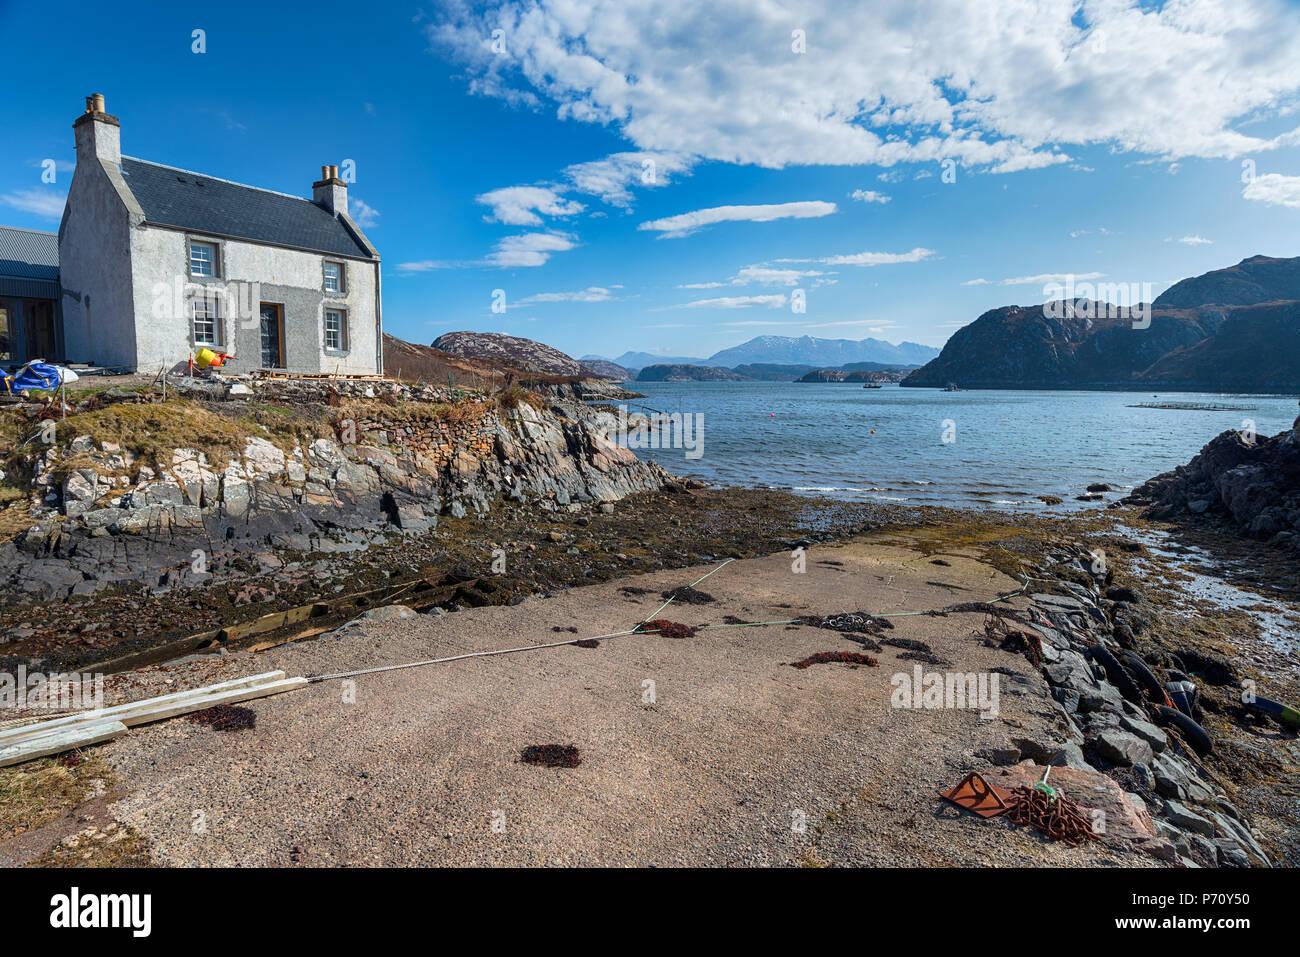 Il borgo remoto di Fanagmore sulle rive di Loch Laxford in Sutherland nelle Highlands scozzesi nel lontano nord-ovest della Scozia. Immagini Stock